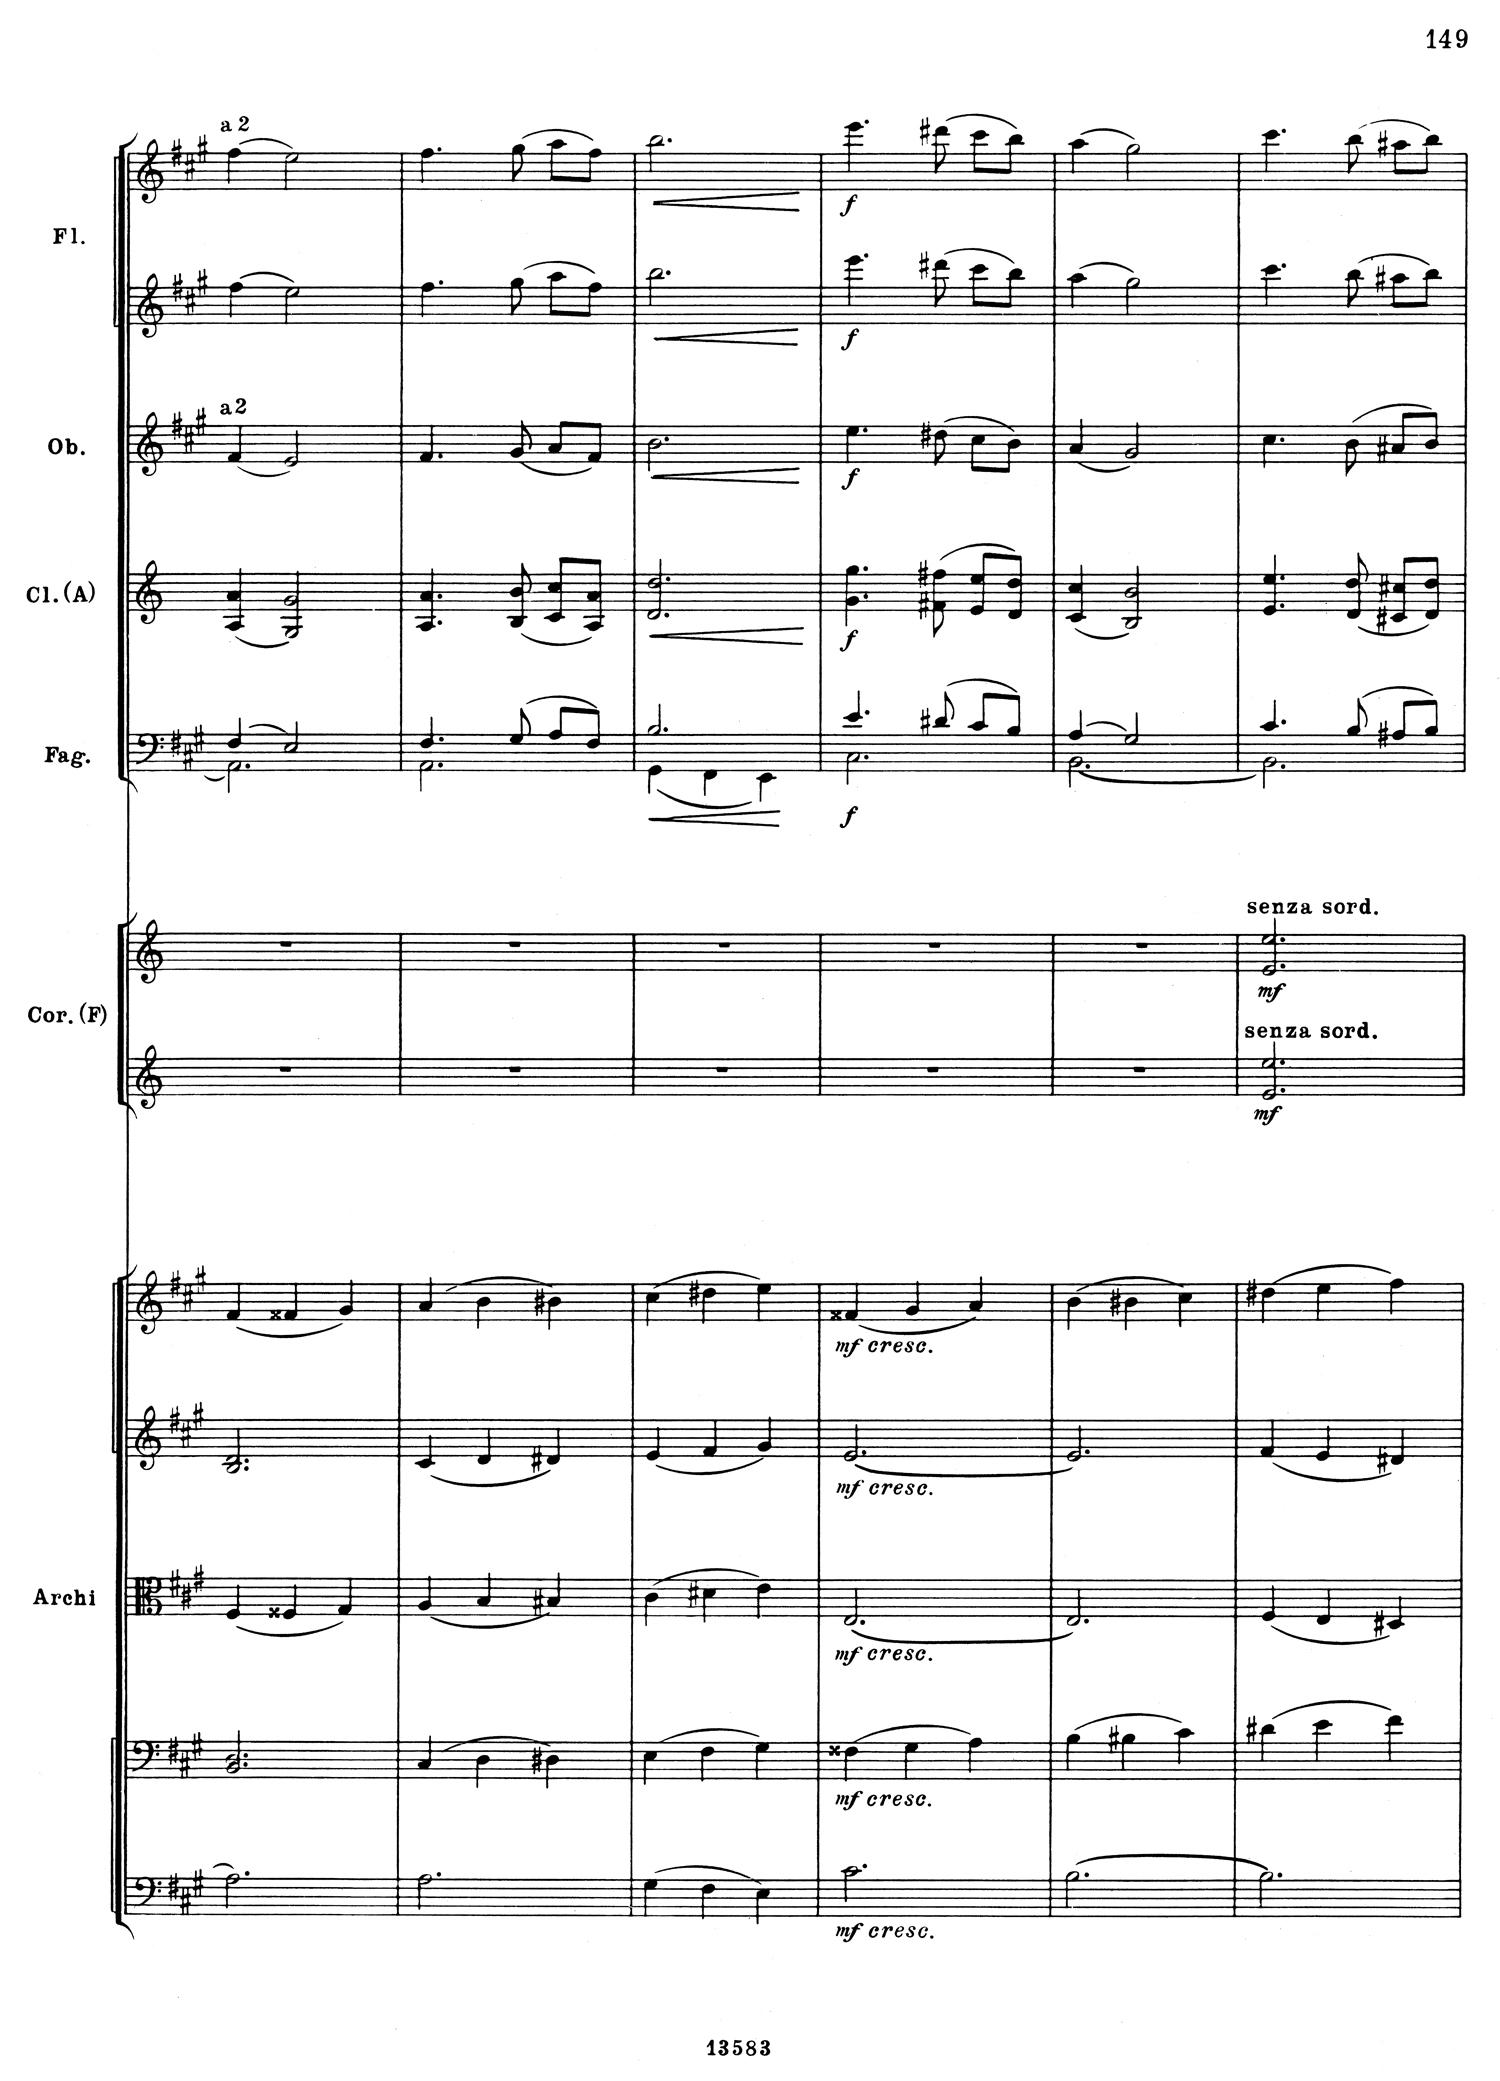 Tchaikovsky 5 Mvt 3 Score 4.jpg